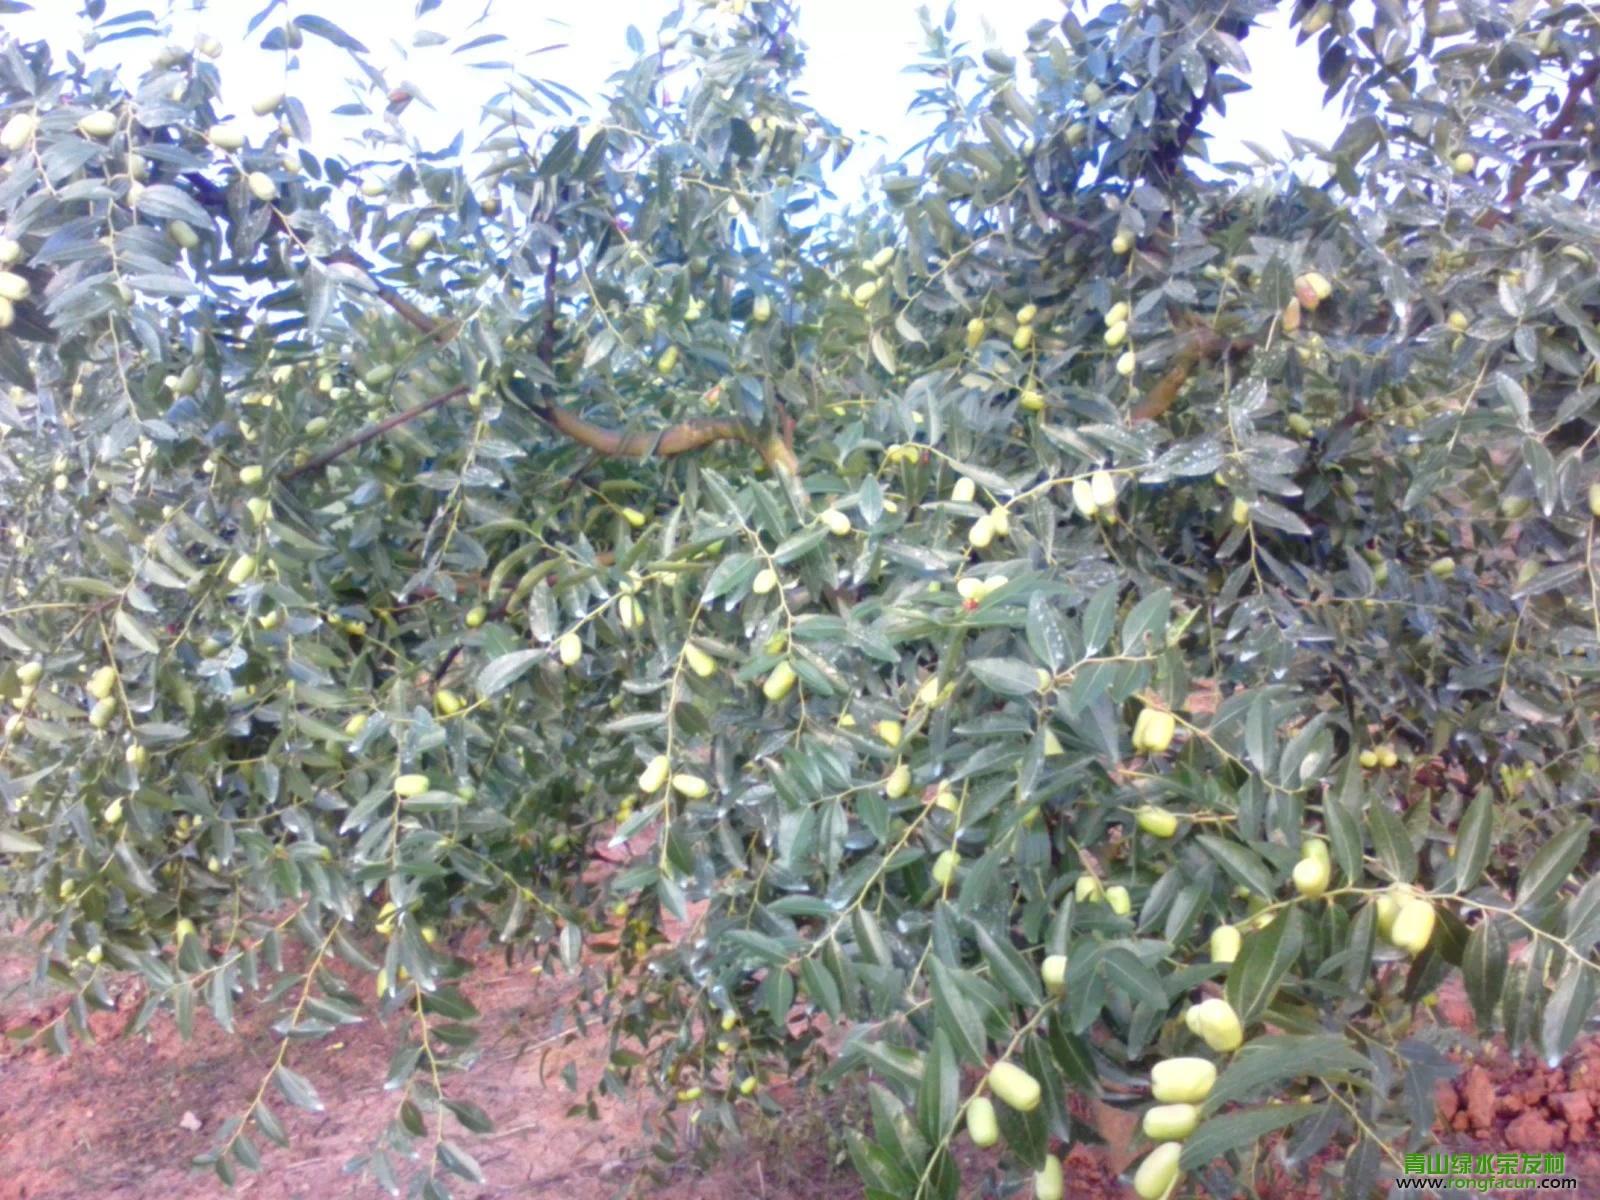 【荣发美景】在丰收的期盼中的荣发大枣 种植园-种植园-荣发美景-荣发村 第3张